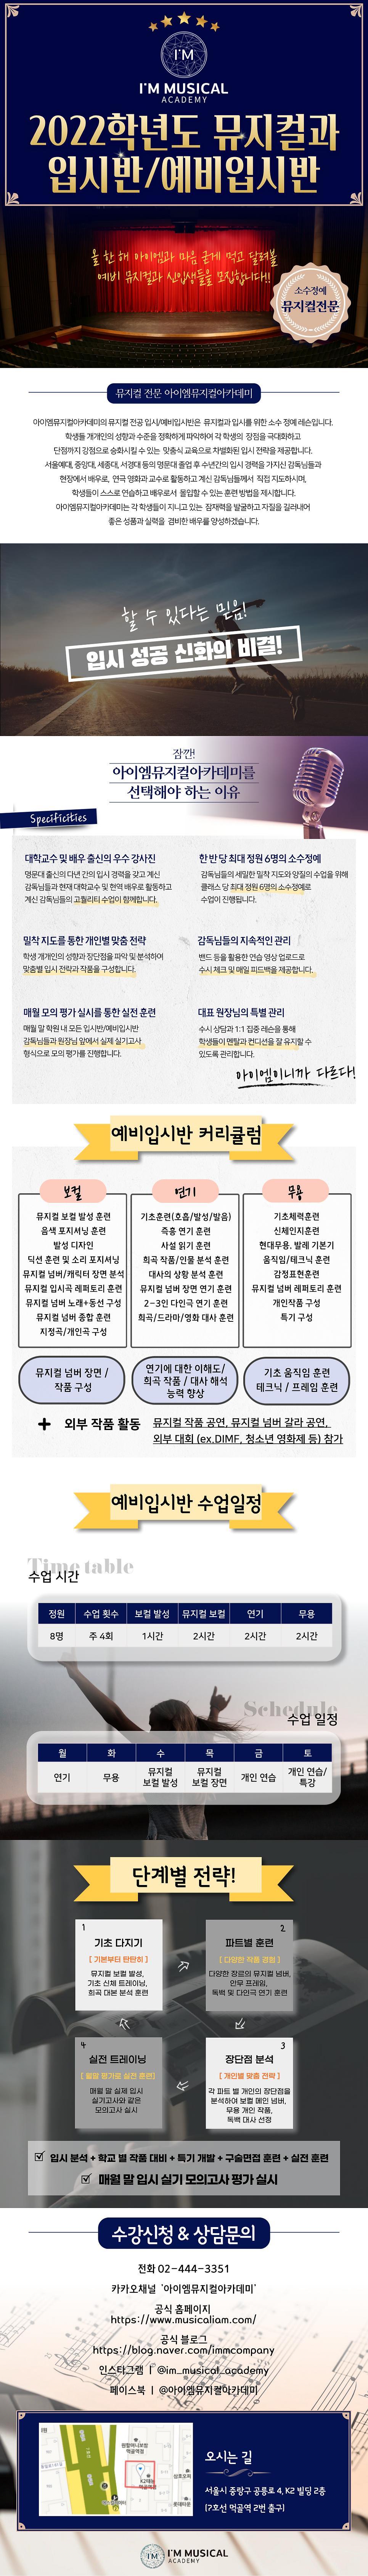 2022입시반_무대(예비입시반)long-ver..png